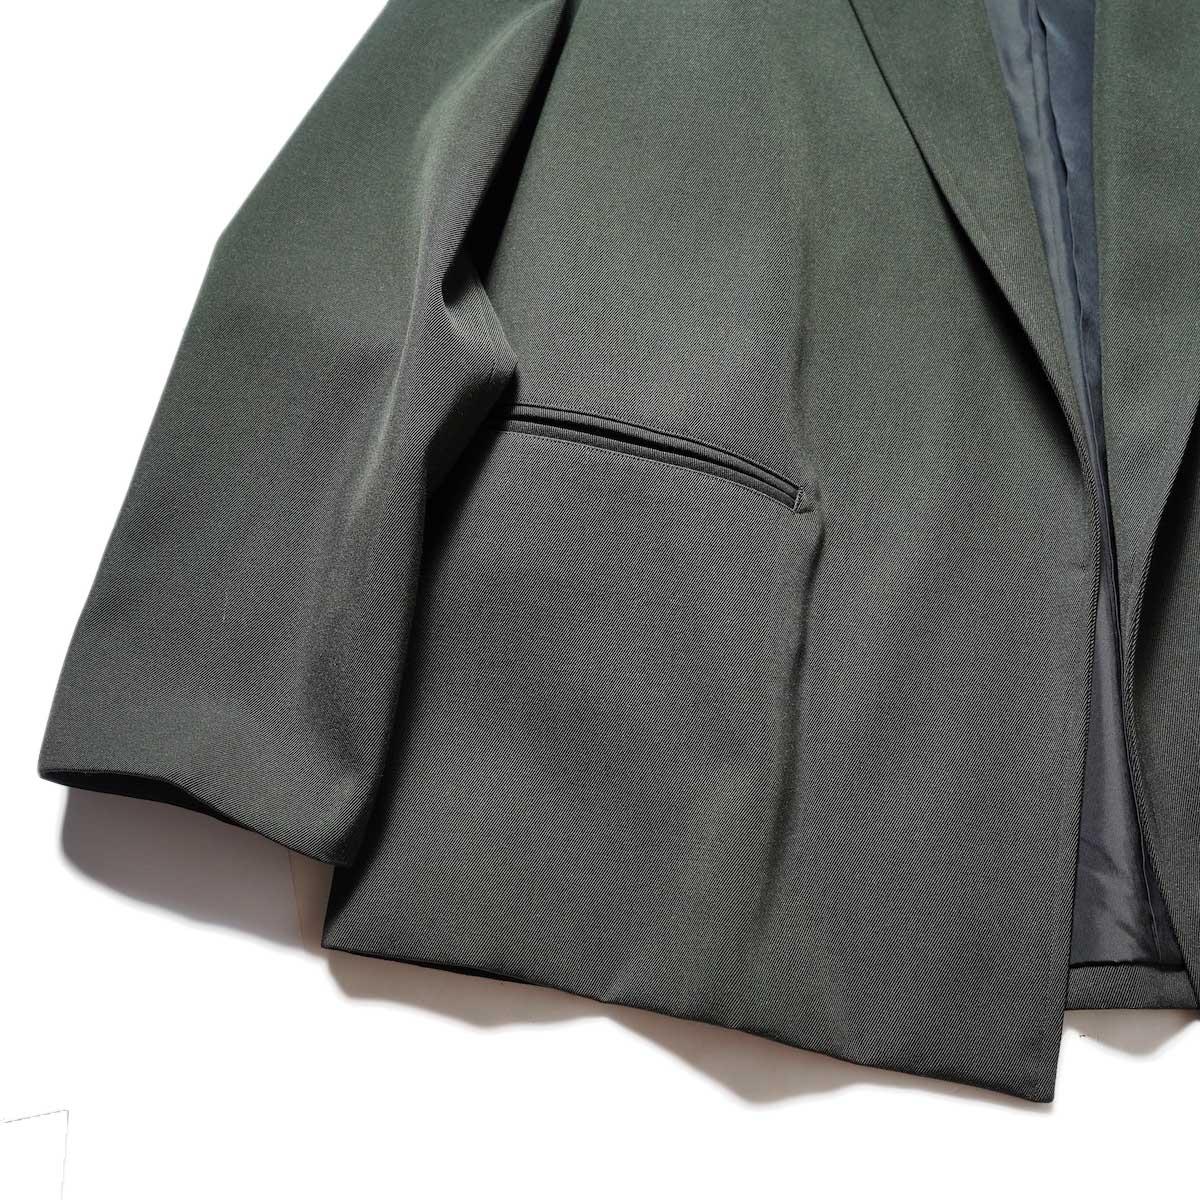 blurhms / Wool Surge Cardigan Jacket (Khaki Grey)ポケット